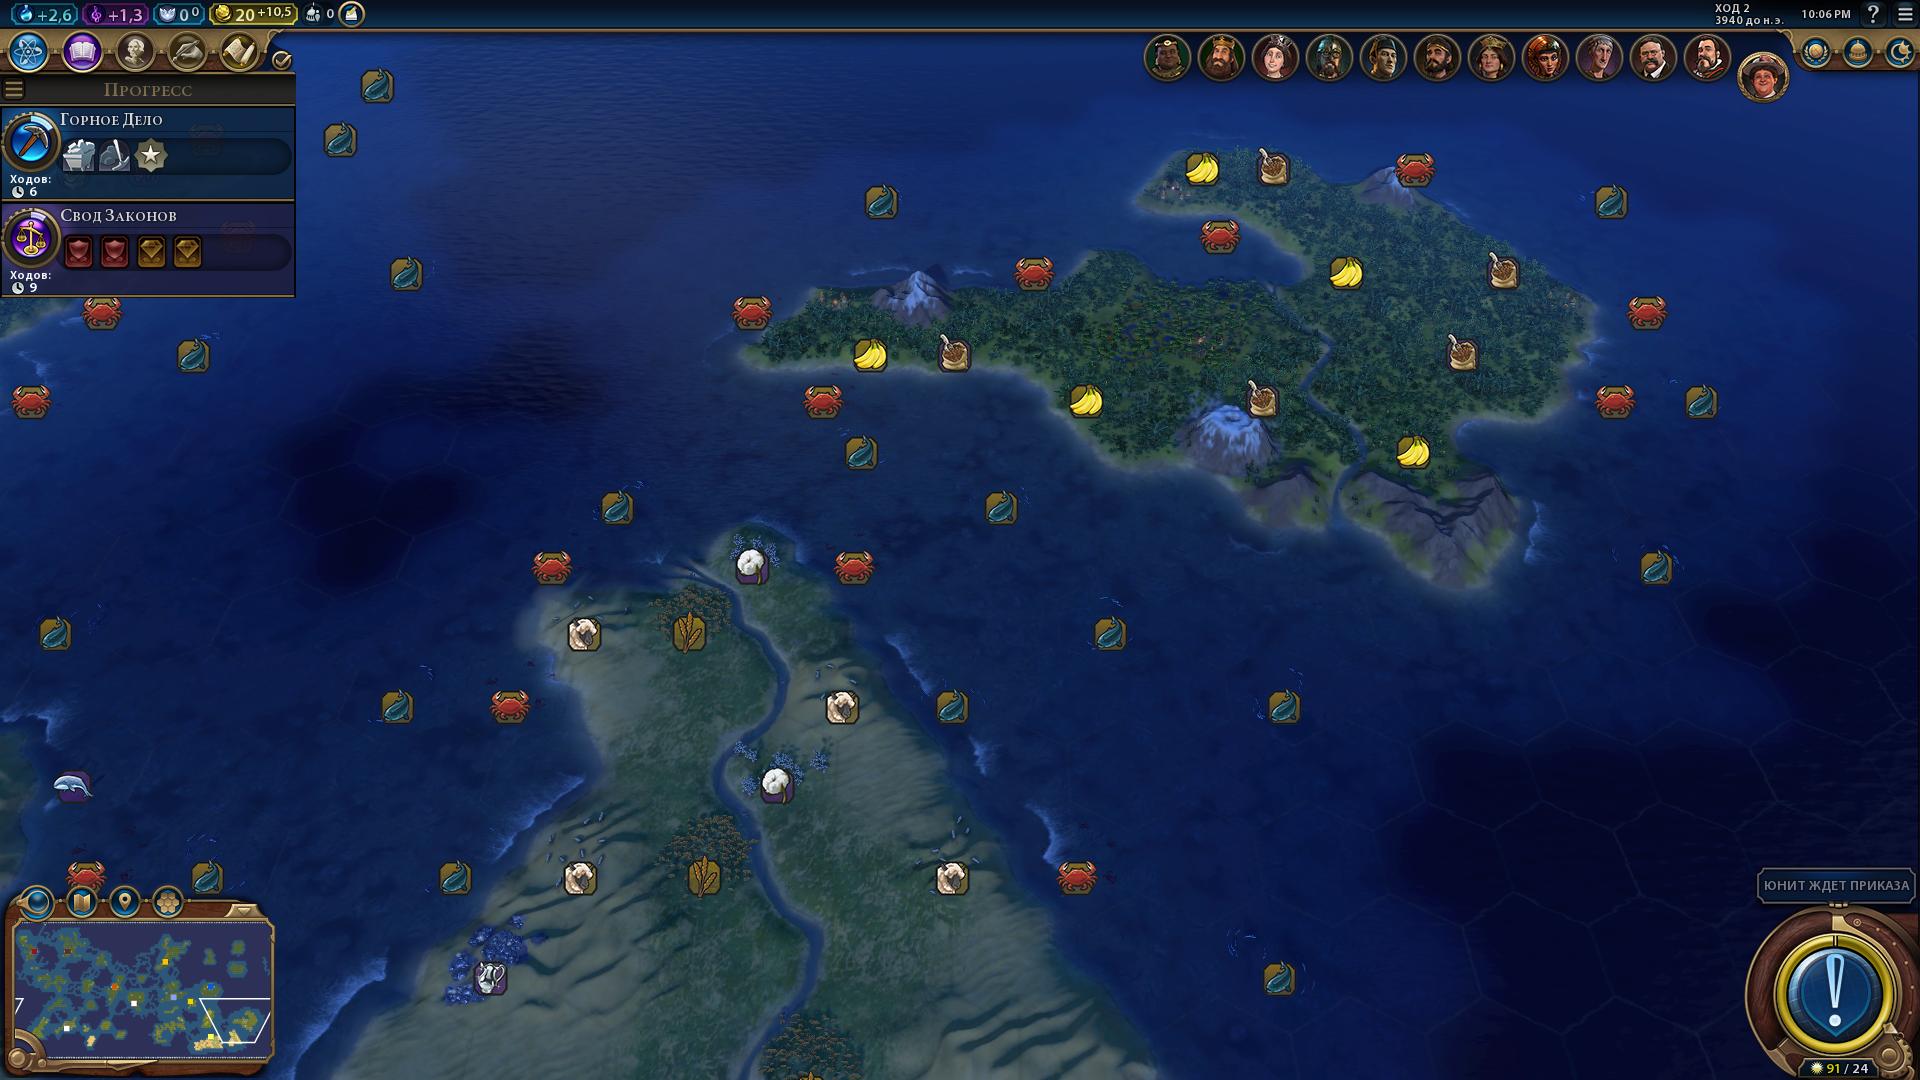 Sid Meier's Civilization VI Screenshot 2018.11.19 - 22.06.04.18.png